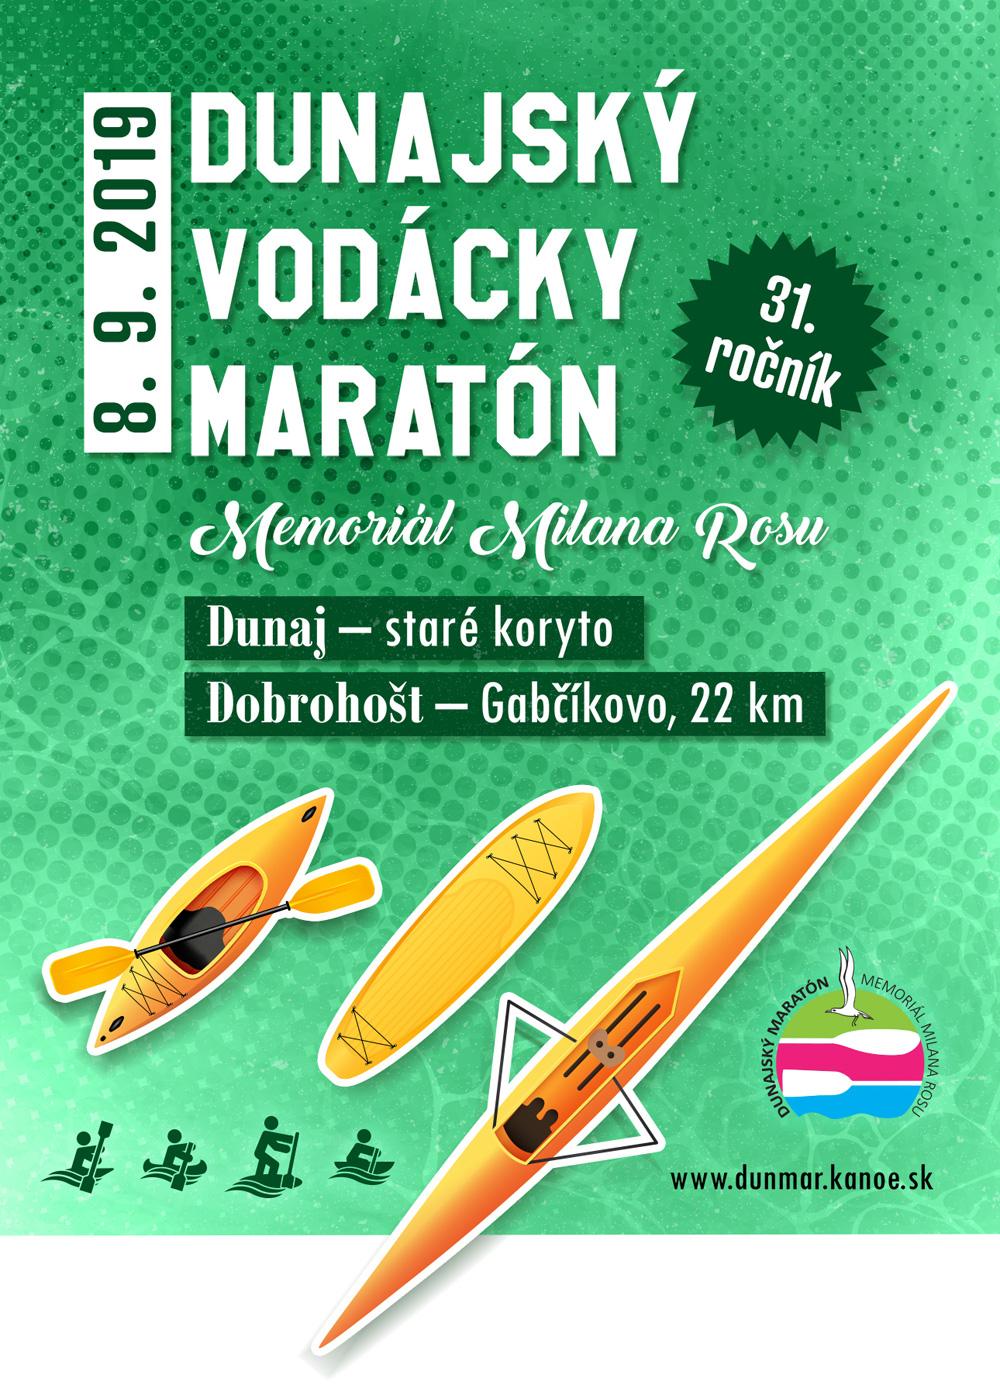 31. Dunajský vodácky maratón